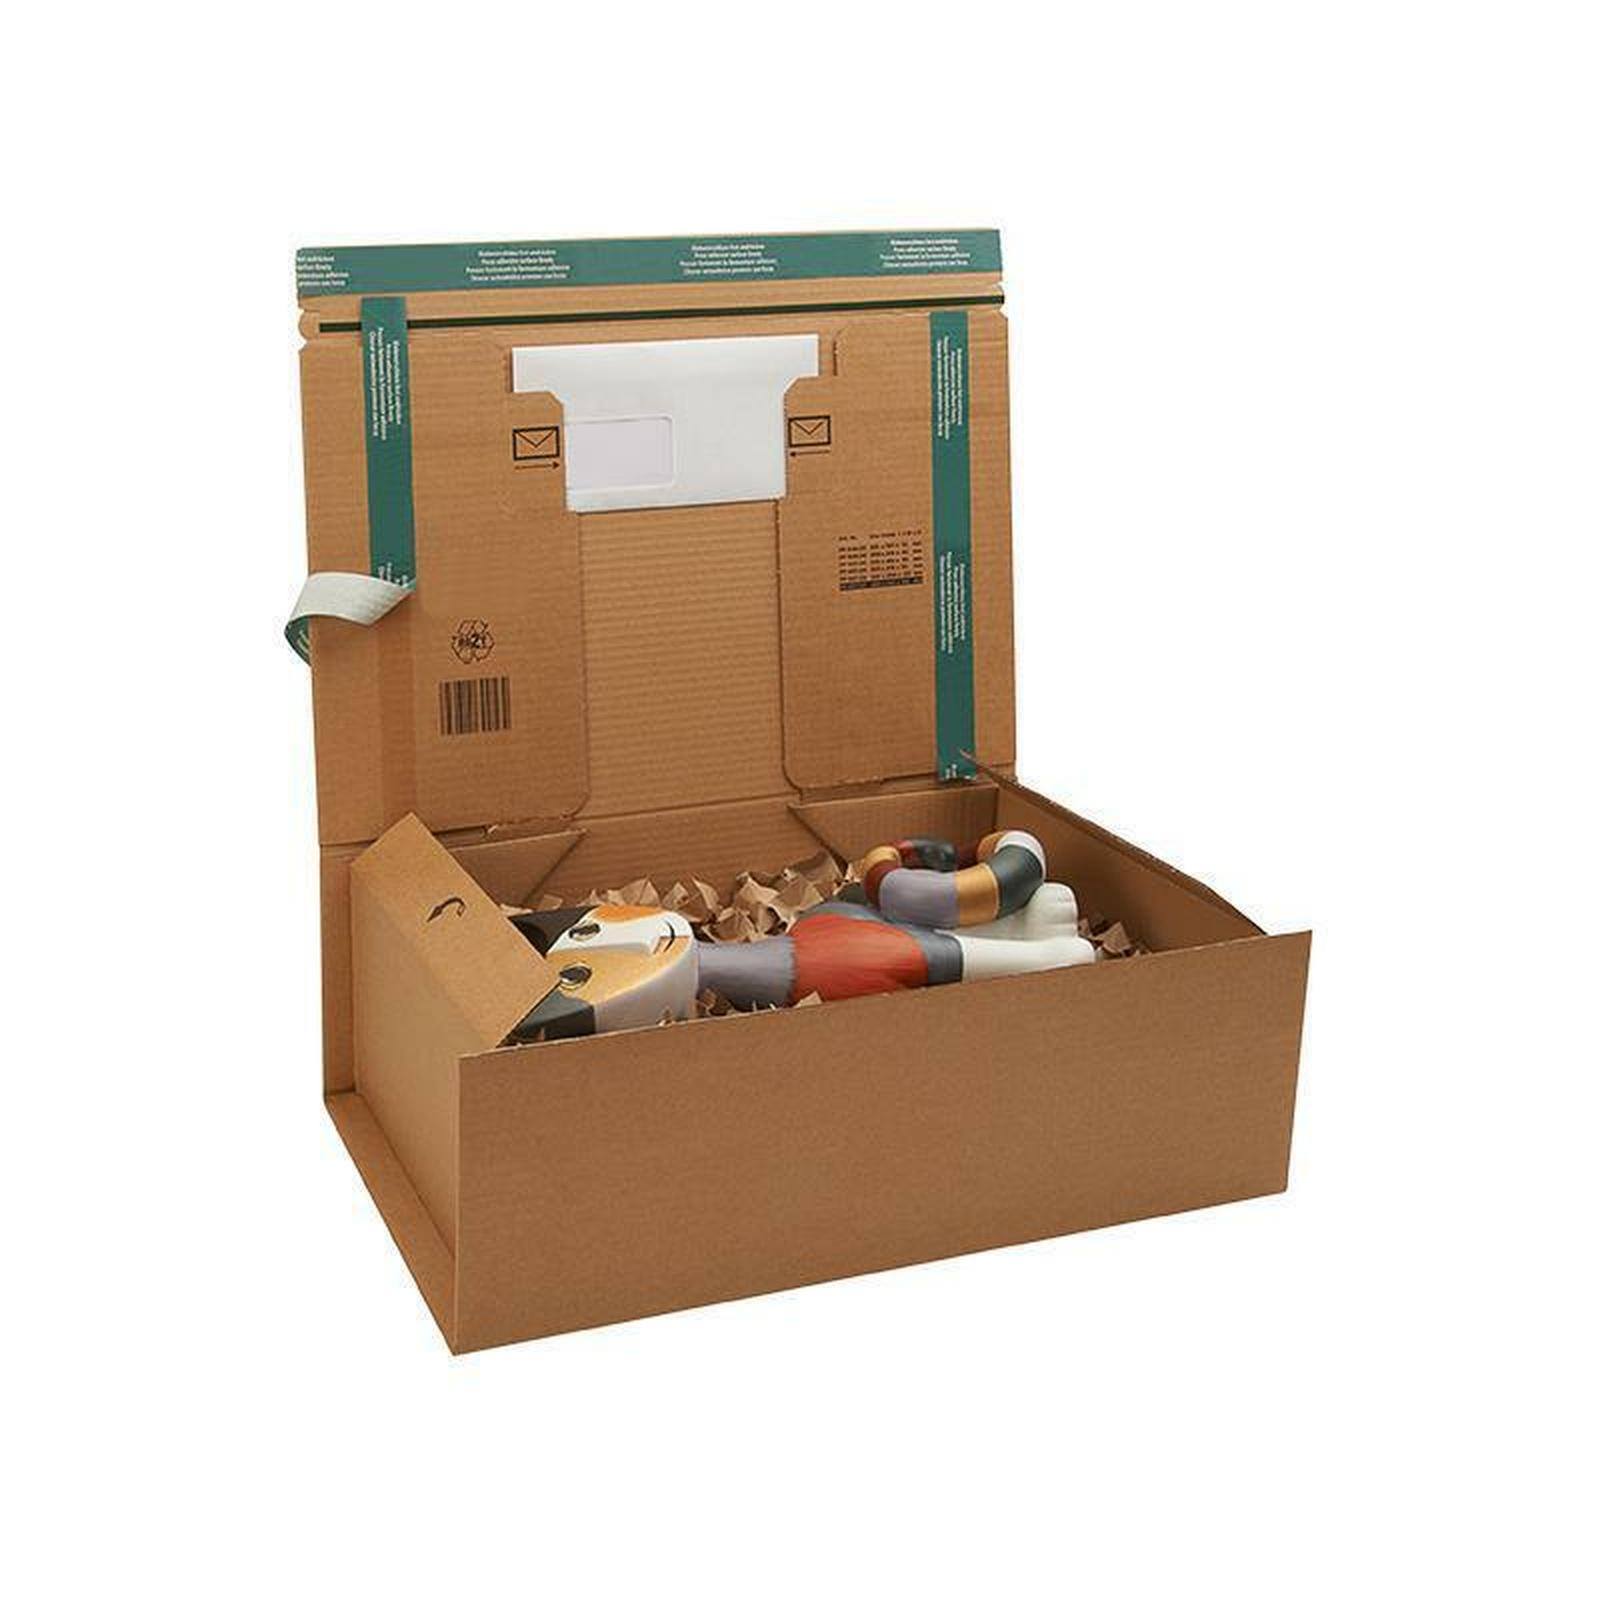 ordner verpackung 328x290x120 mm g nstig kaufen 1 06. Black Bedroom Furniture Sets. Home Design Ideas